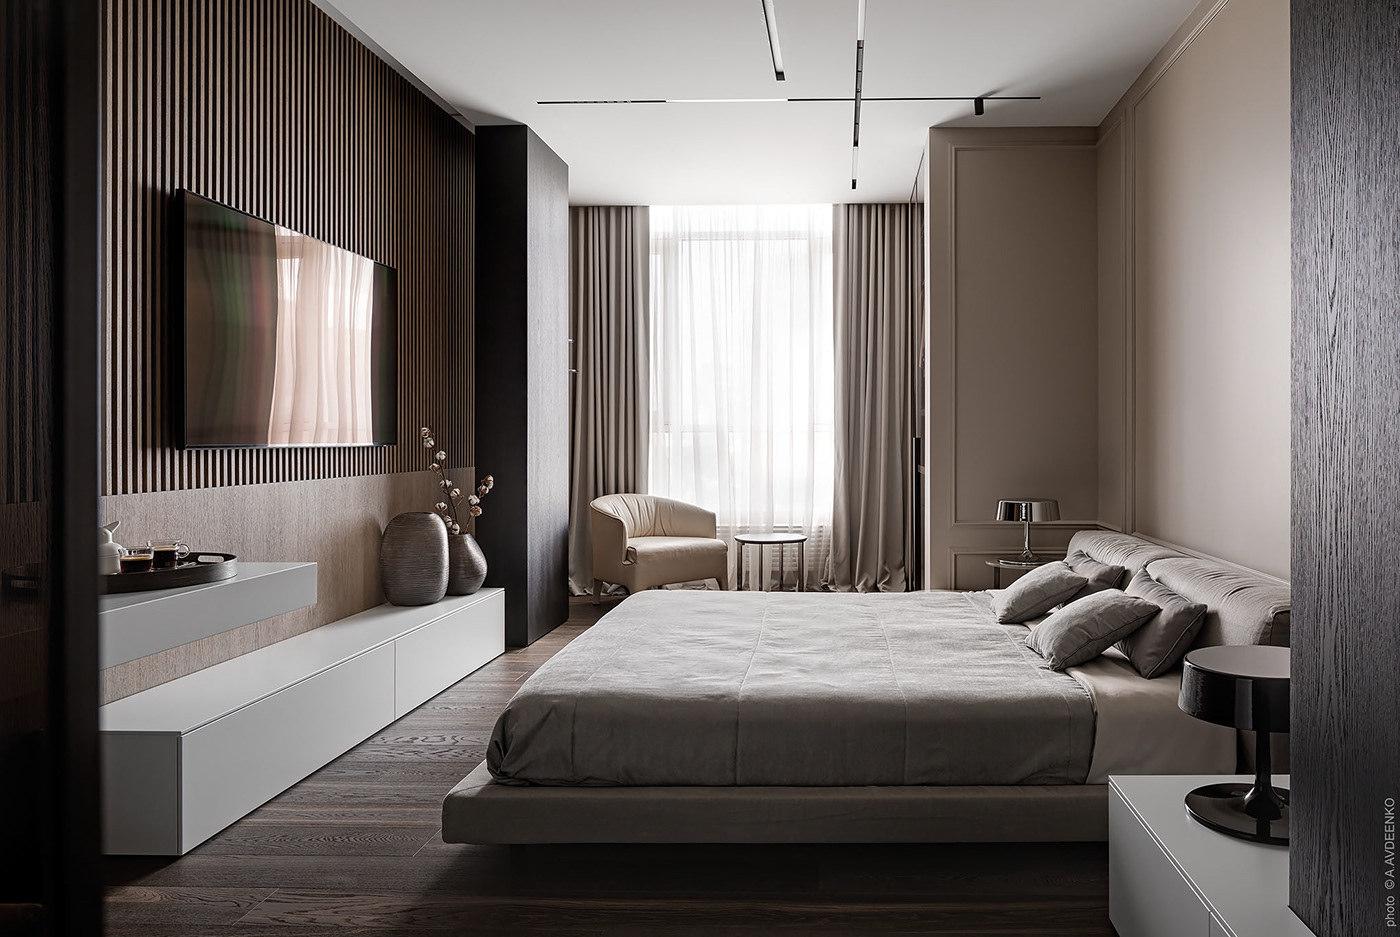 A hálószobában is a sötétbarna az uralkodó szín amit natúr színek egészítenek ki